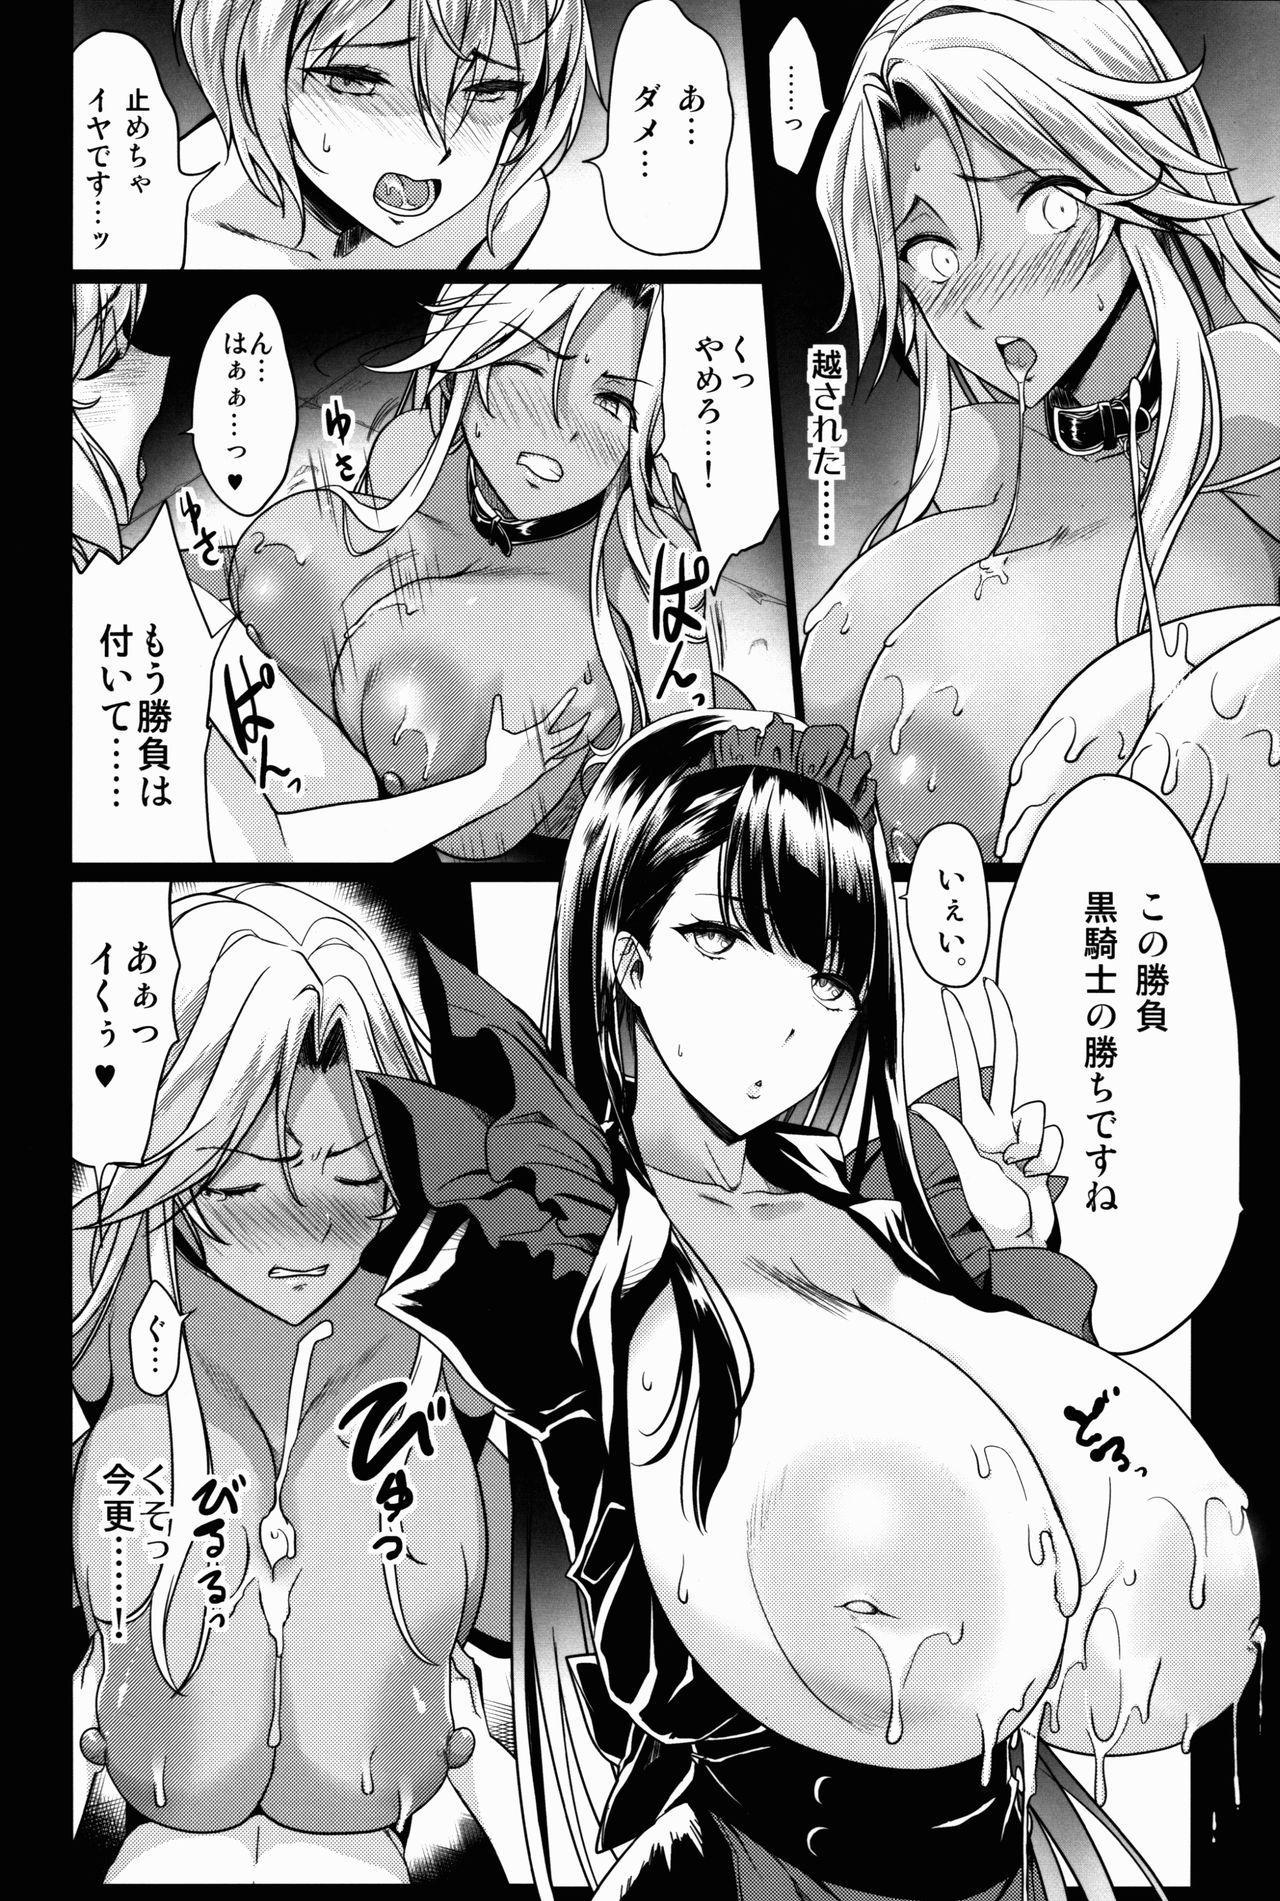 Shota Koutei Kyoudai ni Torawareta Bakunyuu Onna Kishi 2 13